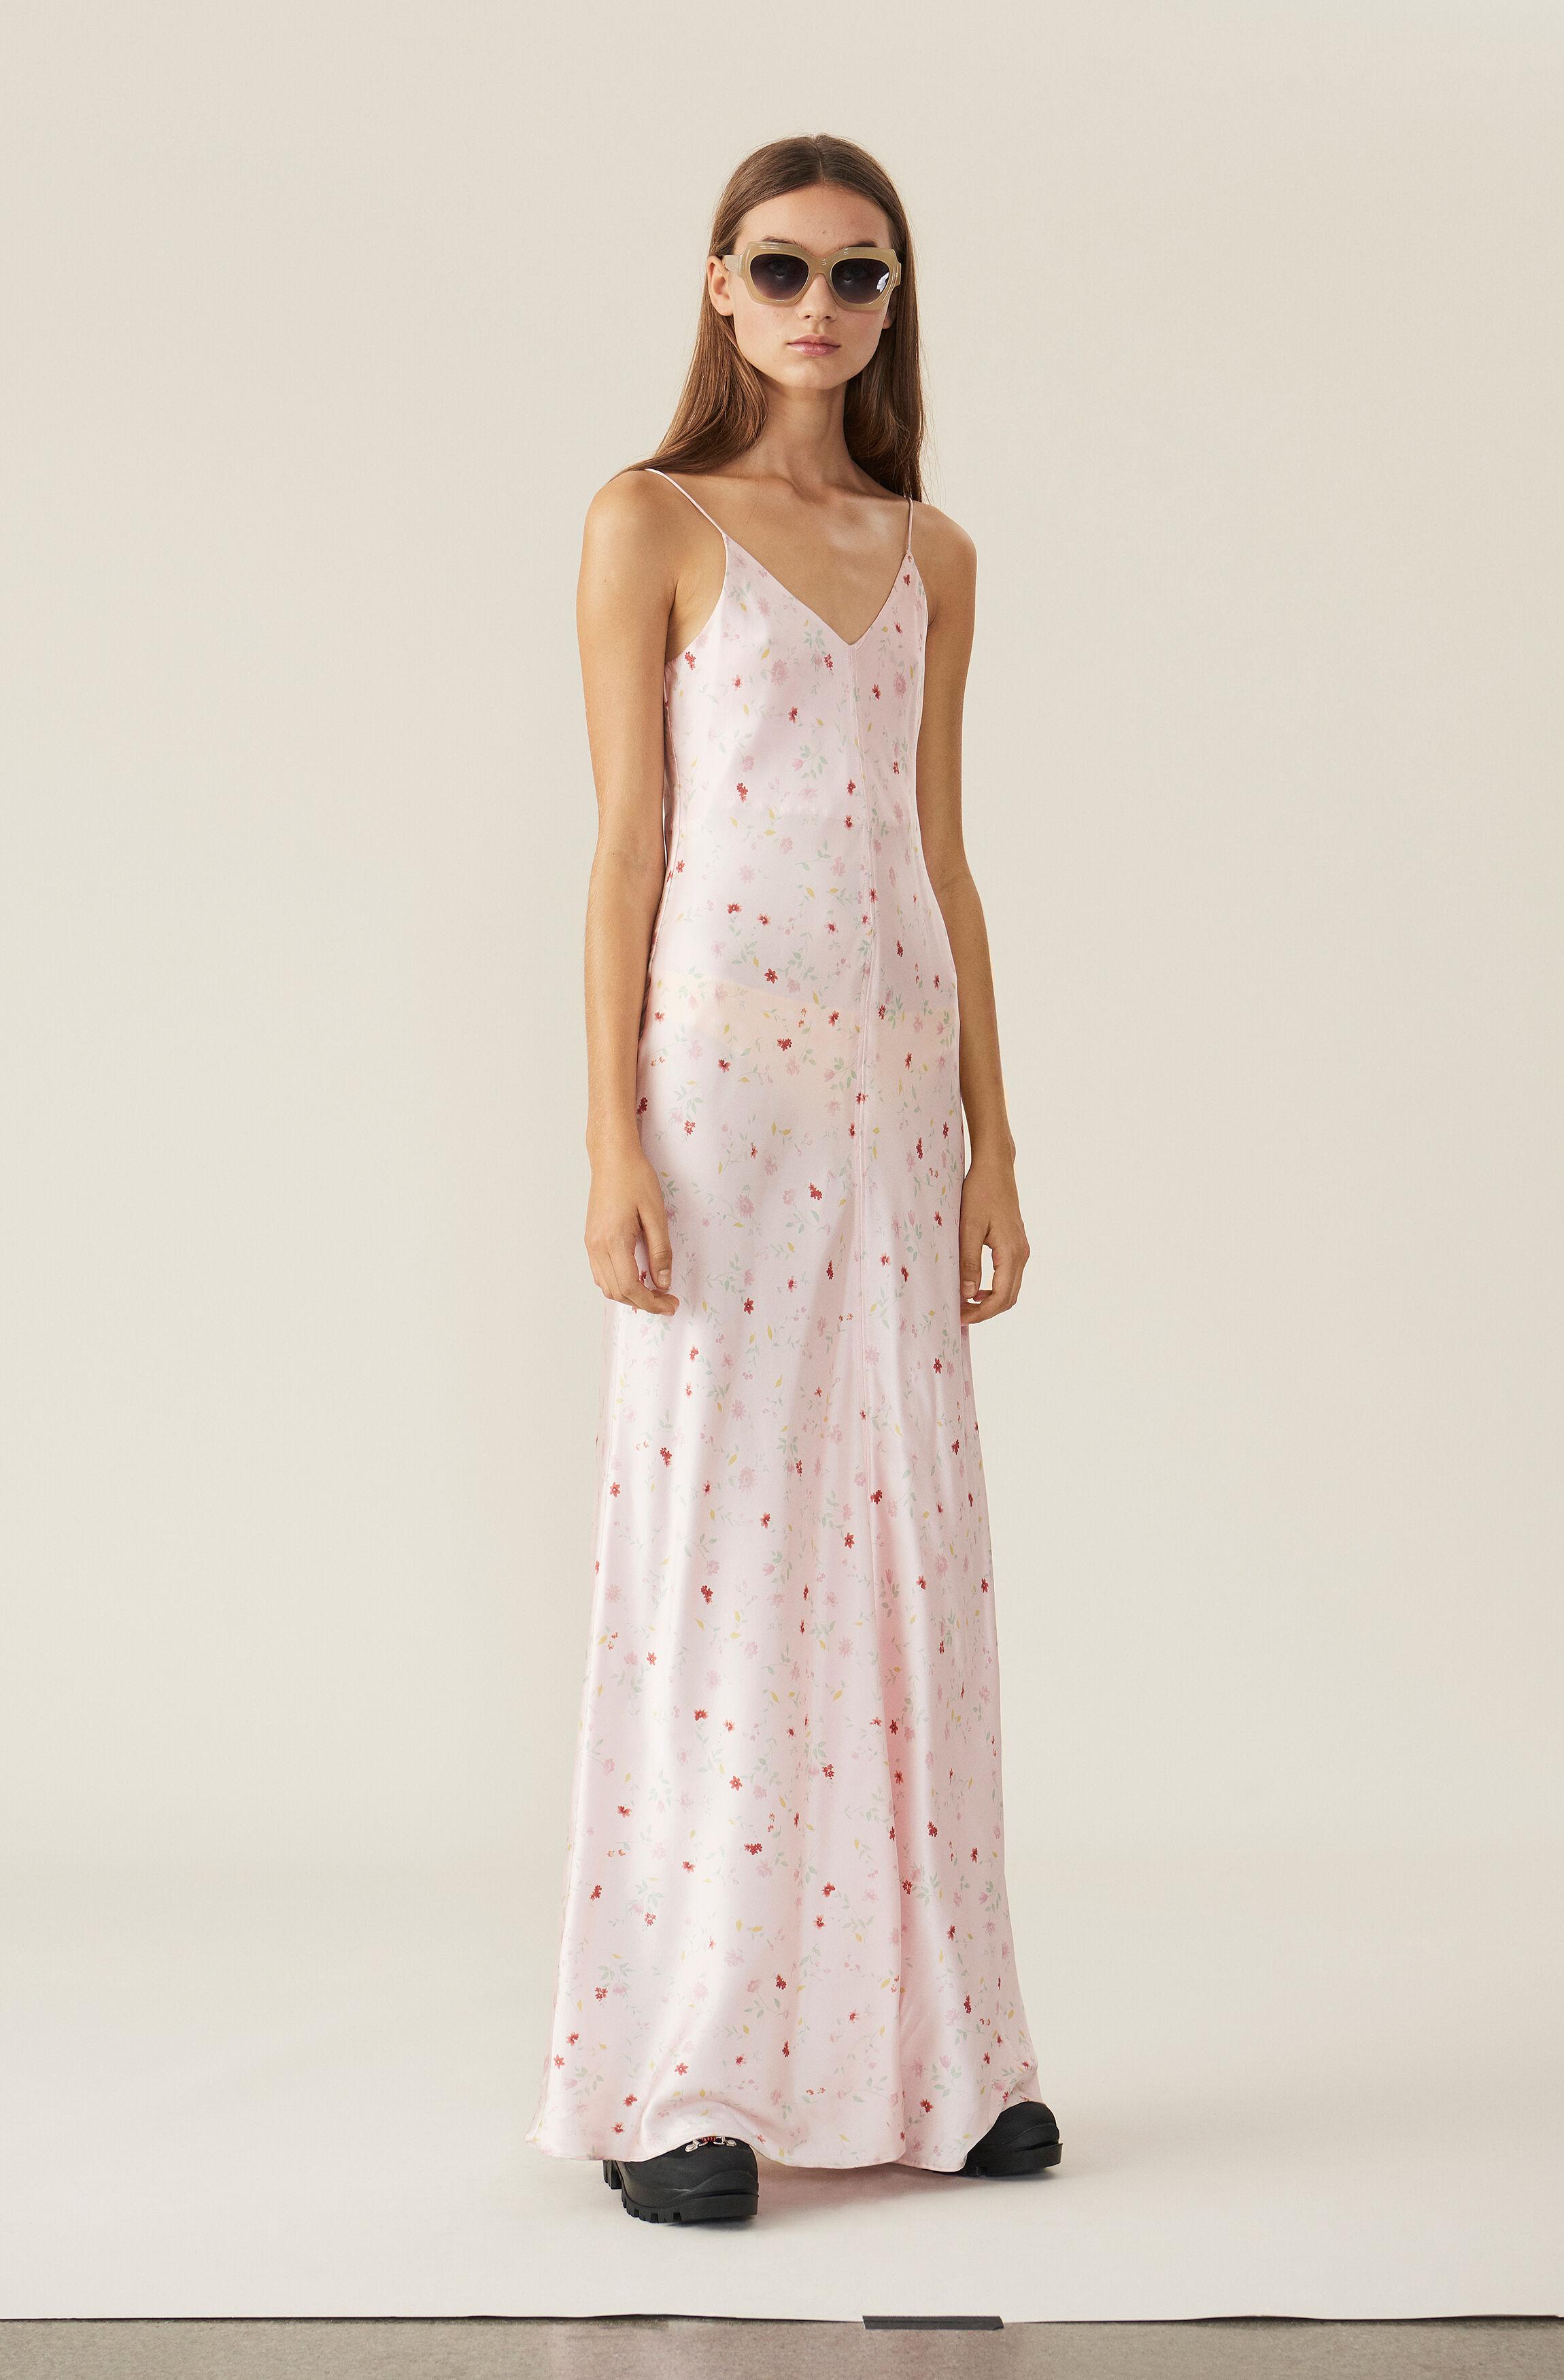 Shop Stretch Silk 00 Dress Slip Ganni 475 Usd Your Satin us z1RwSWx5q7